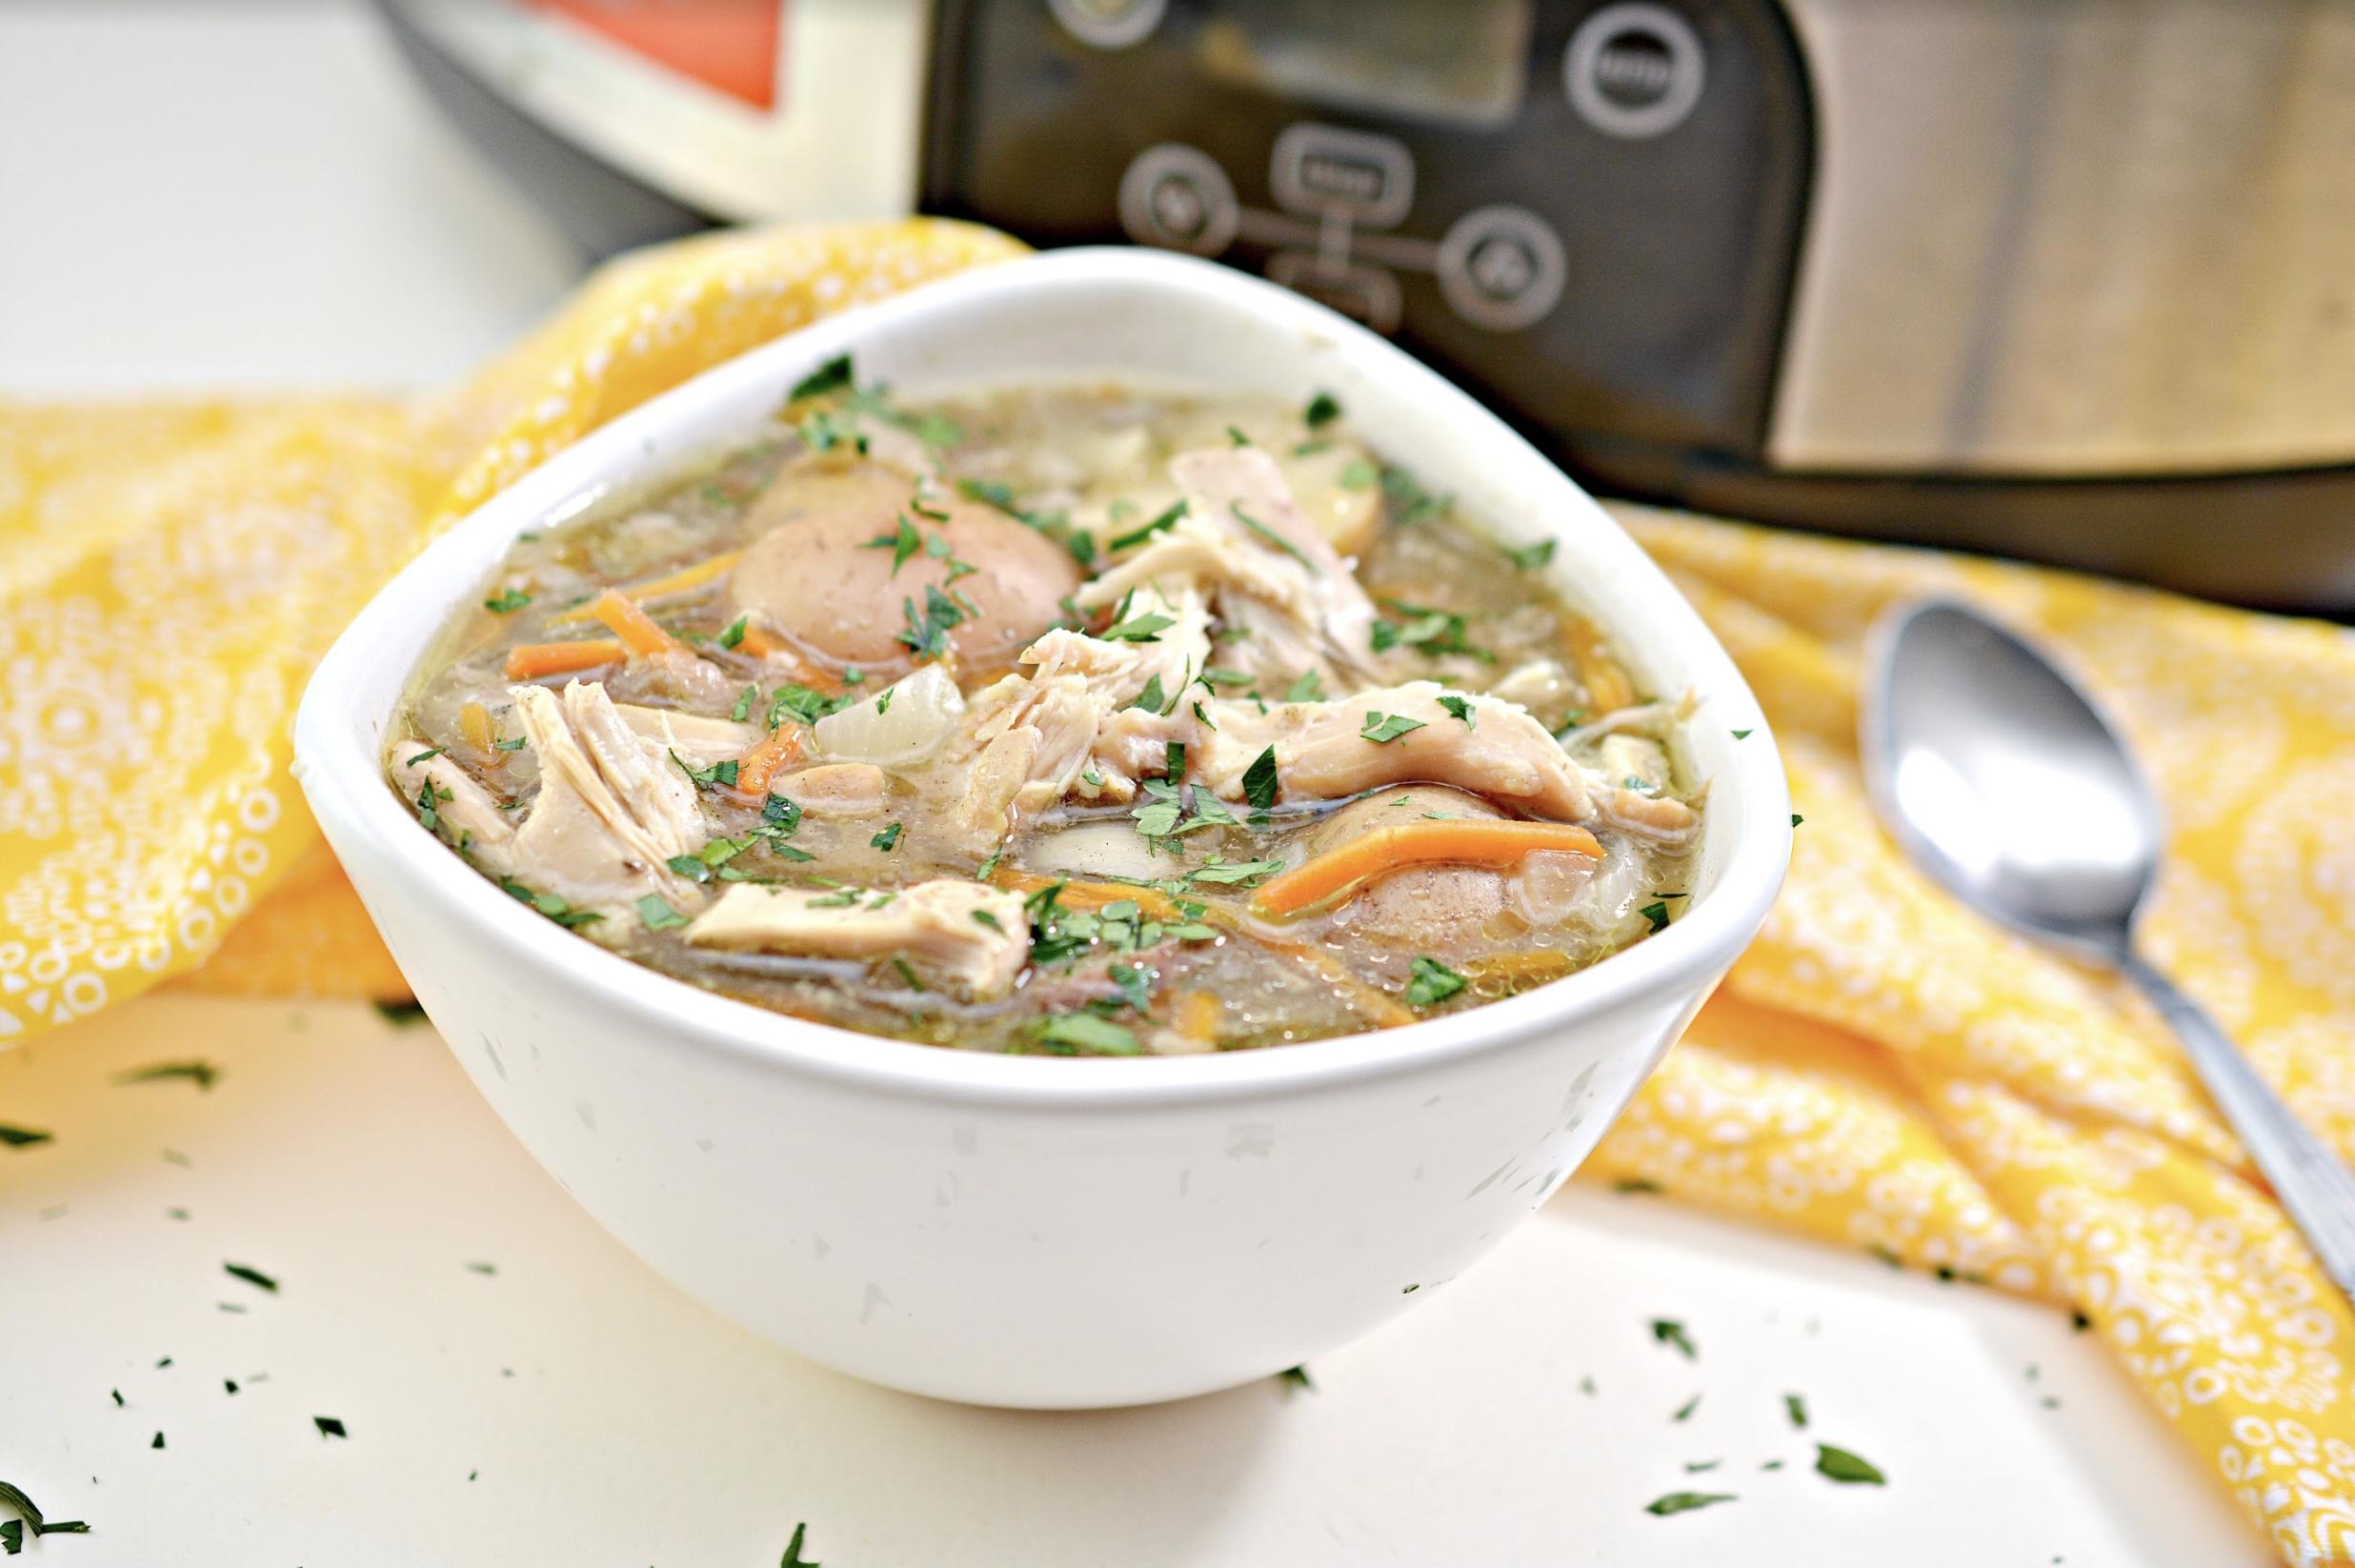 slow cooker spring chicken stew recipe